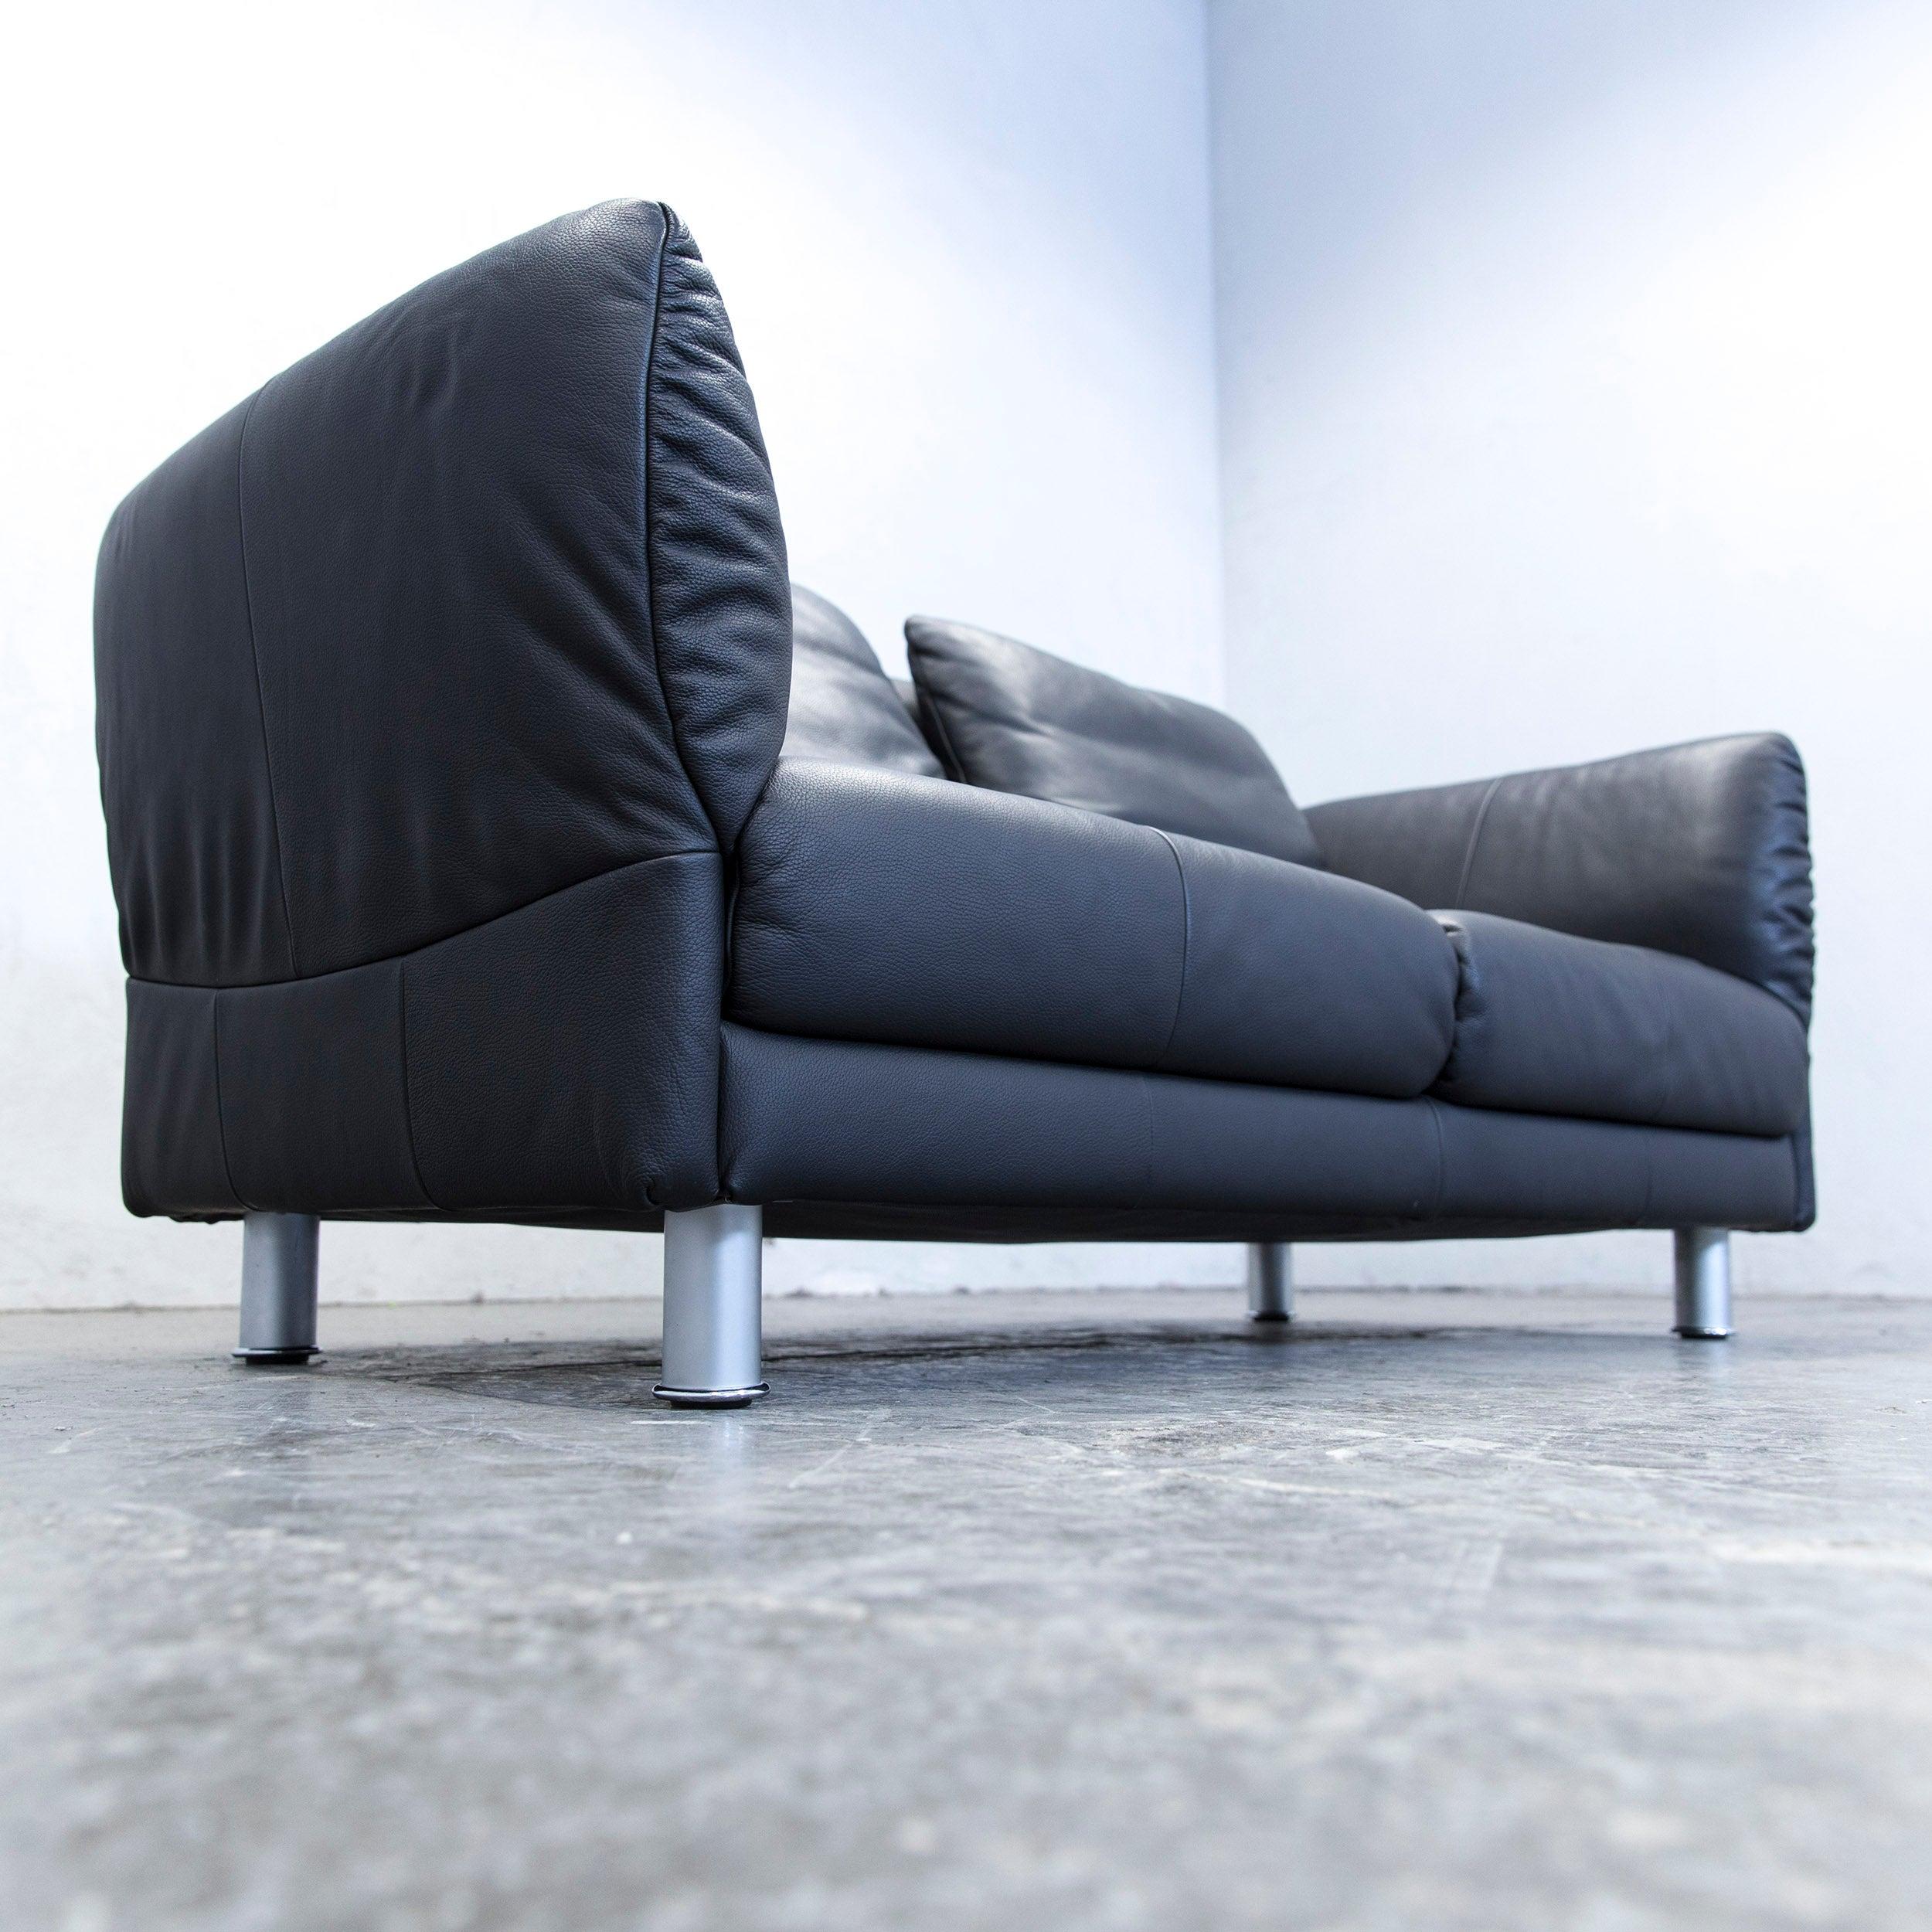 Rolf Benz Designer Sofa Leder Schwarz Zweisitzer Couch Modern Echtleder  3937Sofa Sessel Gebraucht Kaufen K Ln